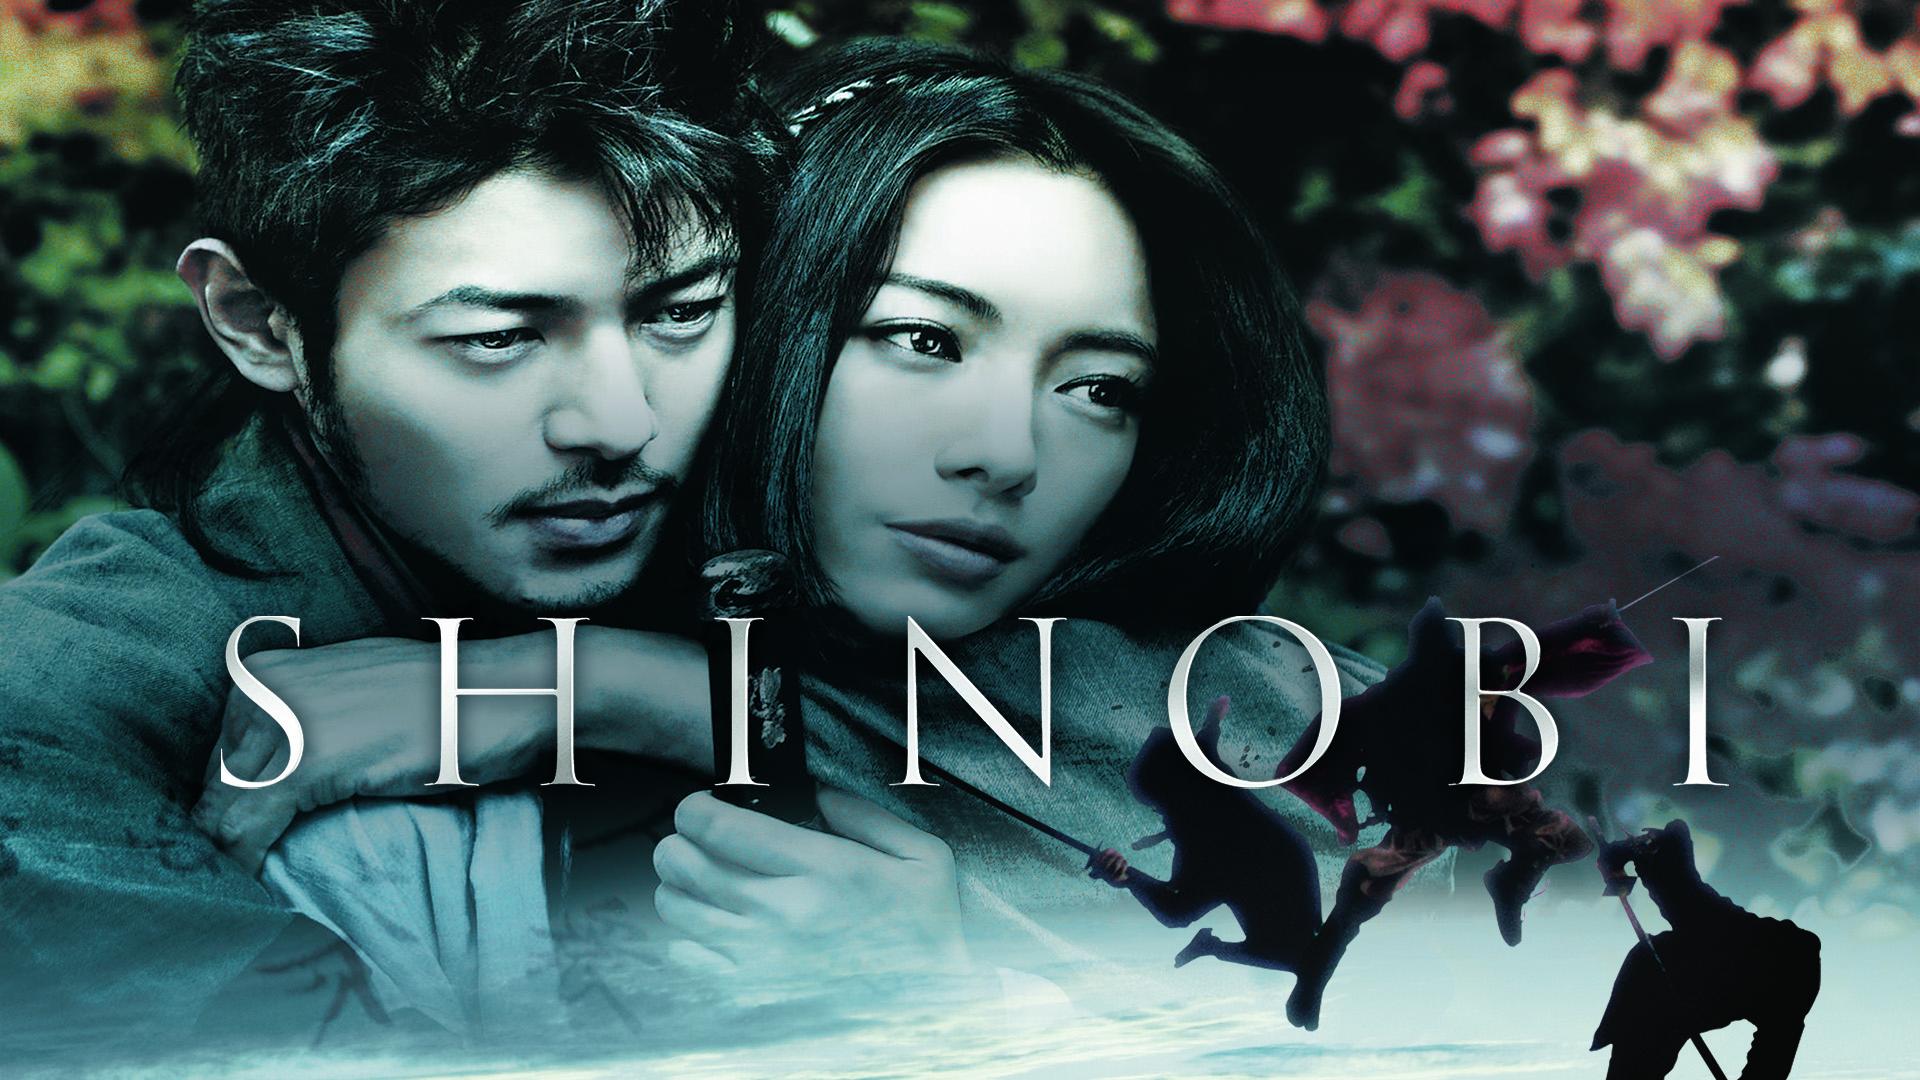 Shinobi- Heart Under Blade